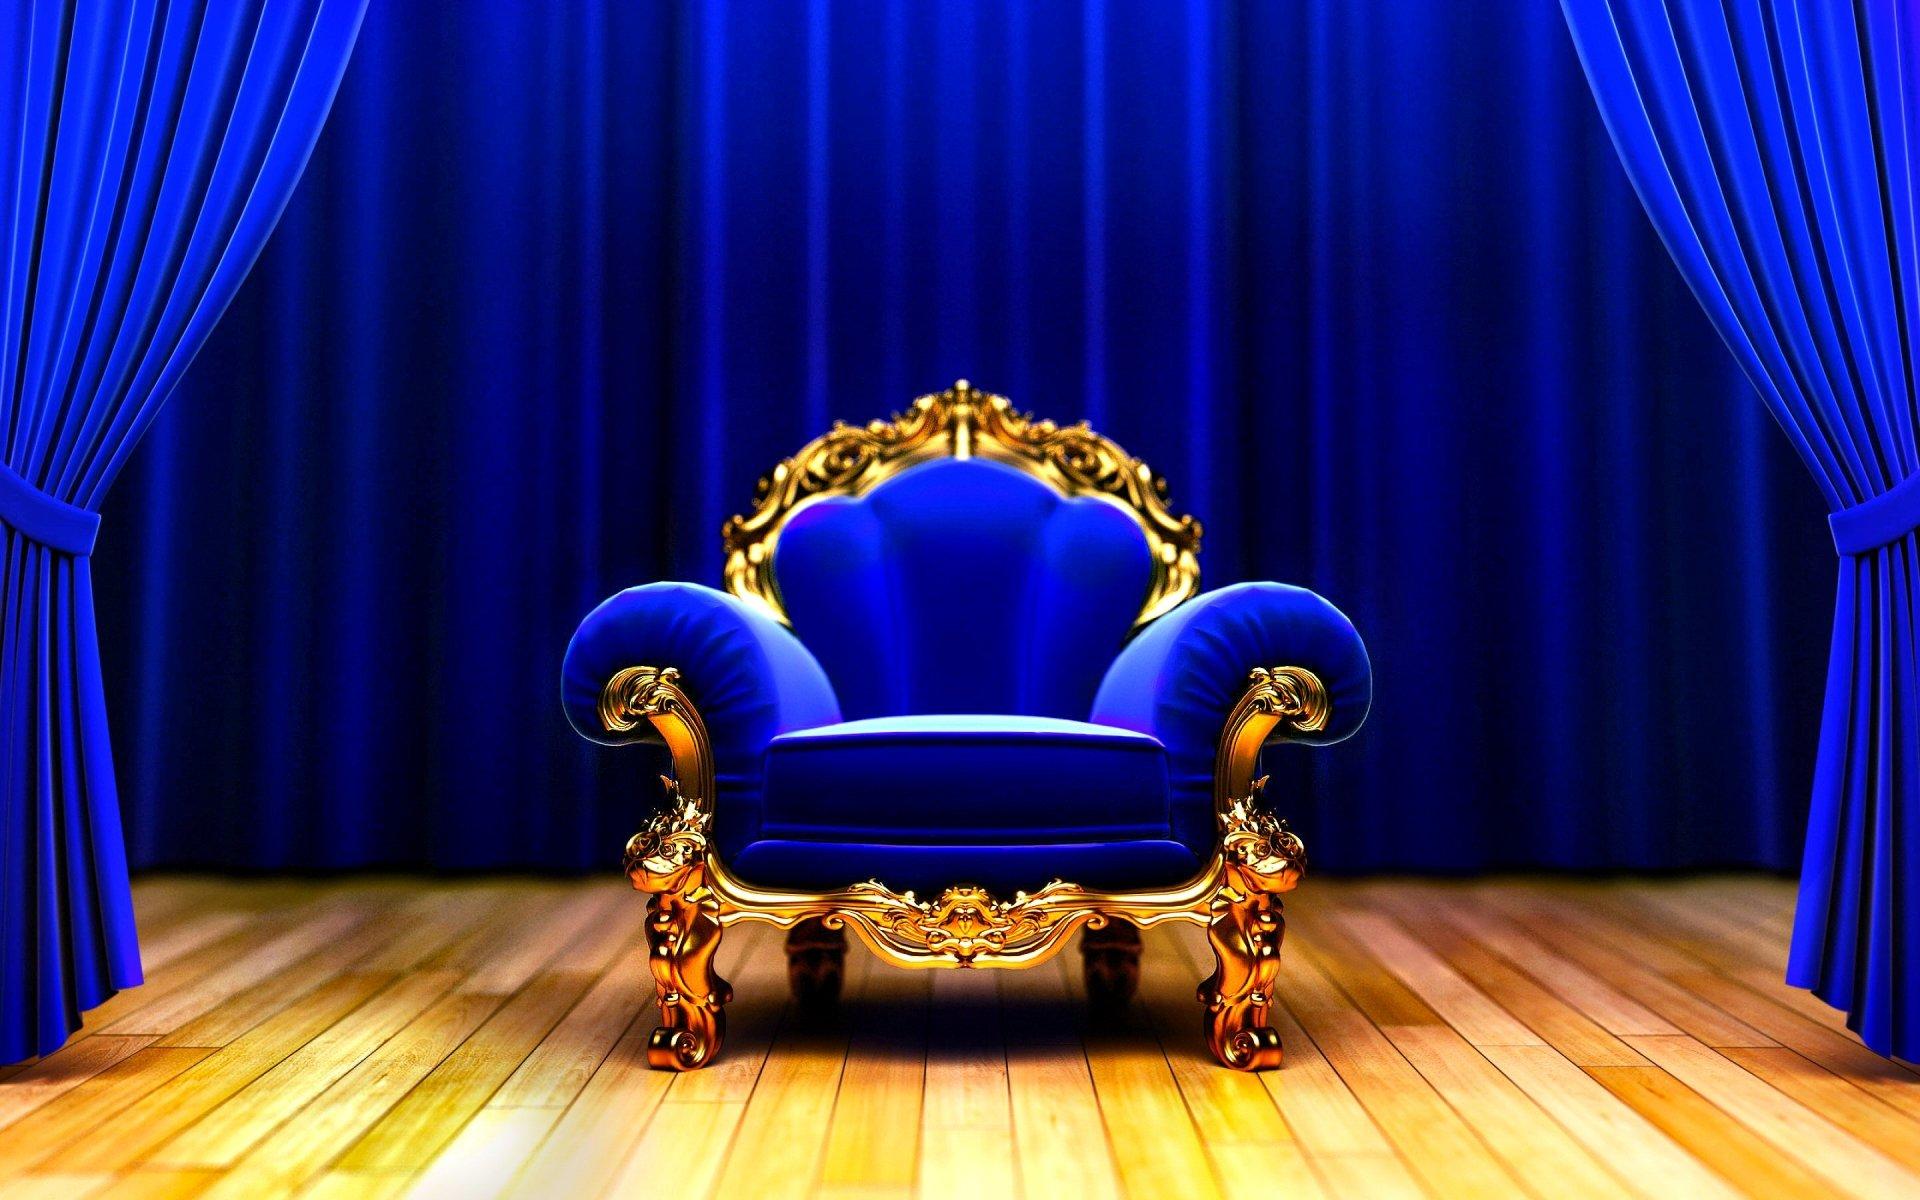 Man Made - Furniture  Blinds Armchair Blue Chair Wallpaper